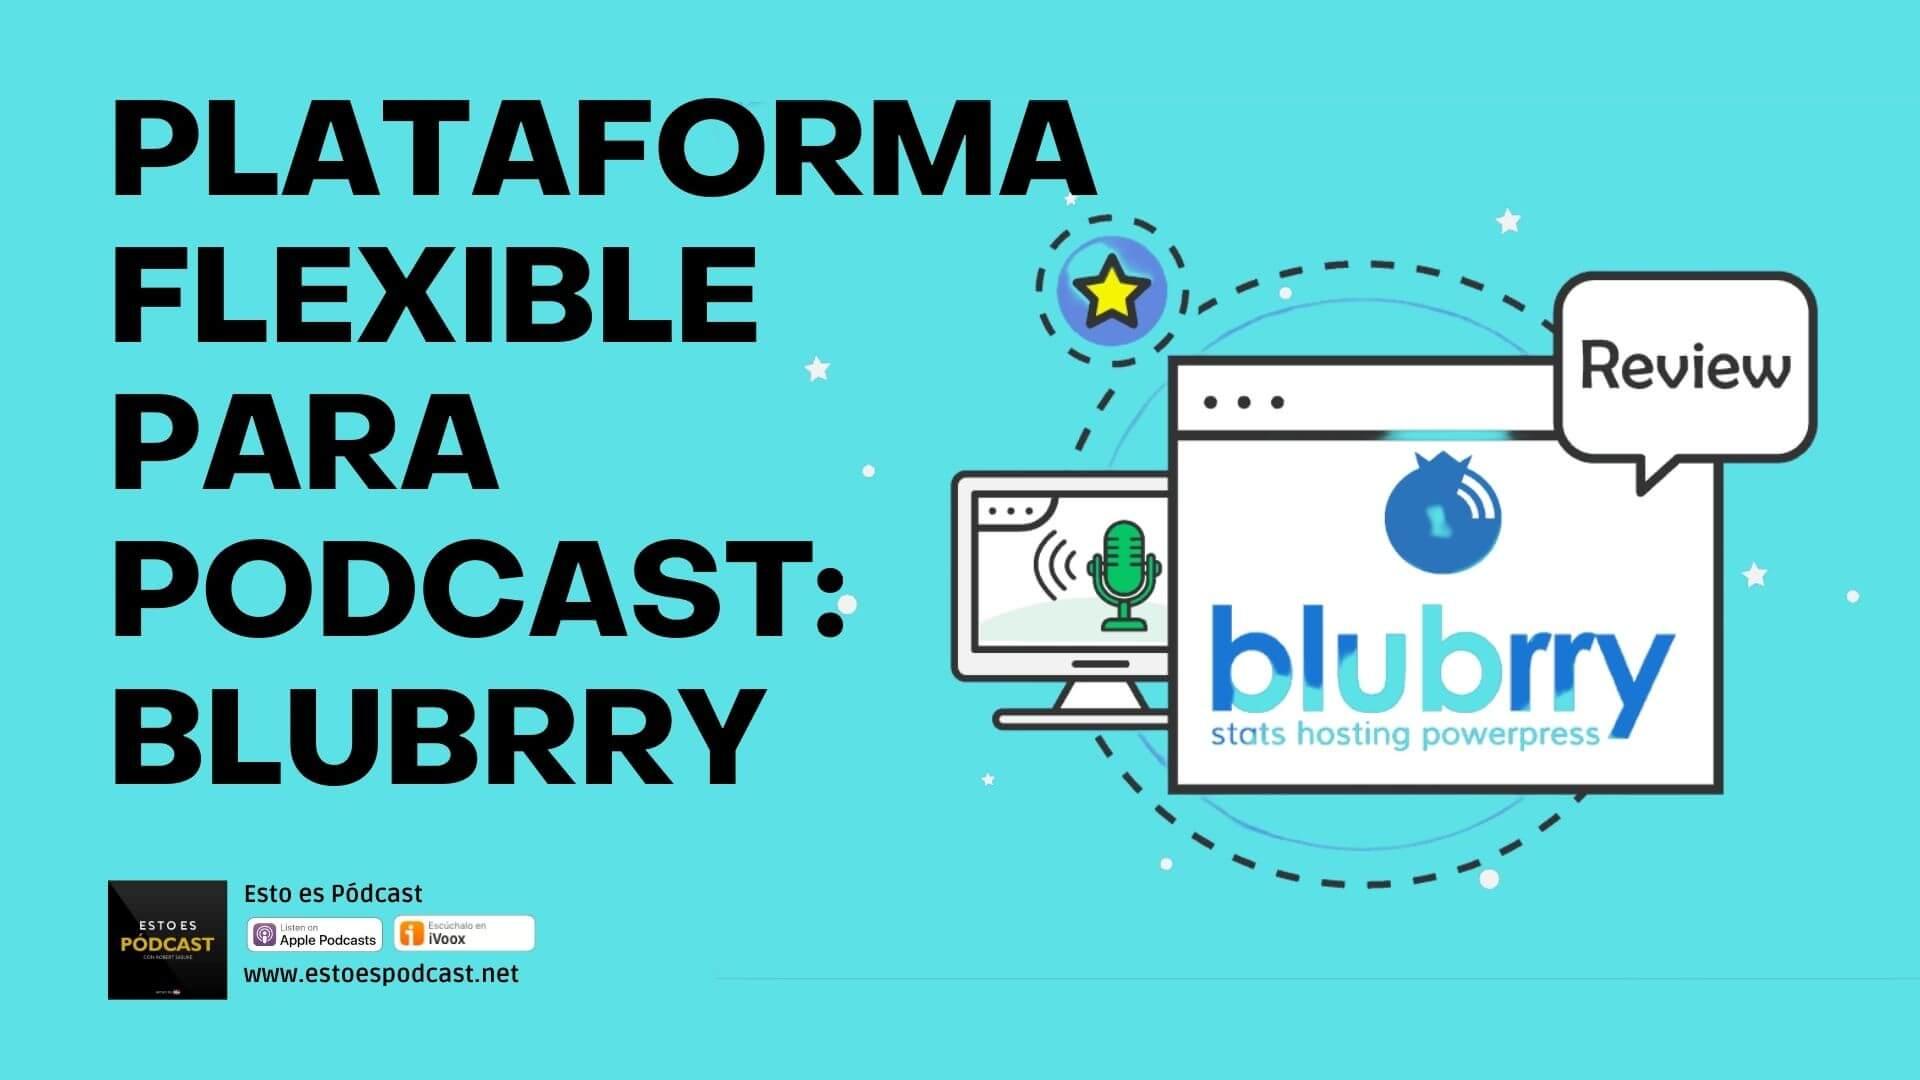 113. Blubrry: Plataforma flexible para tu Podcast